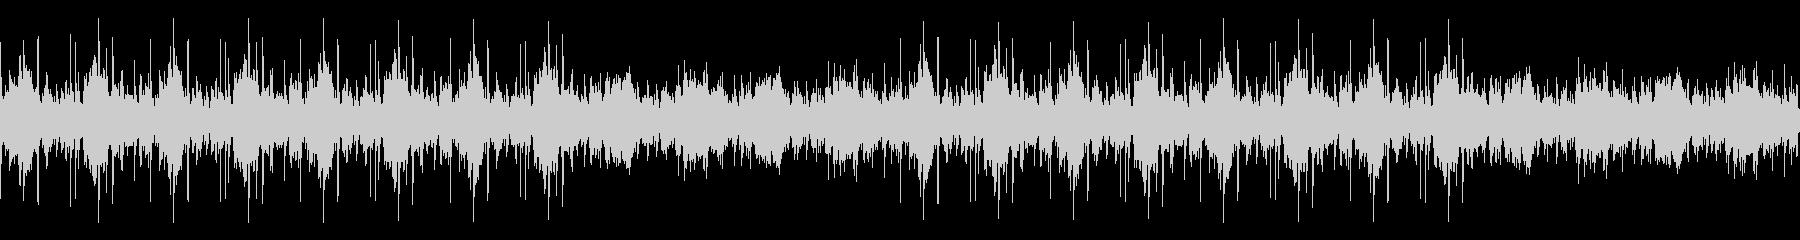 チルアウト・幻想的・神秘的・ピアノの未再生の波形